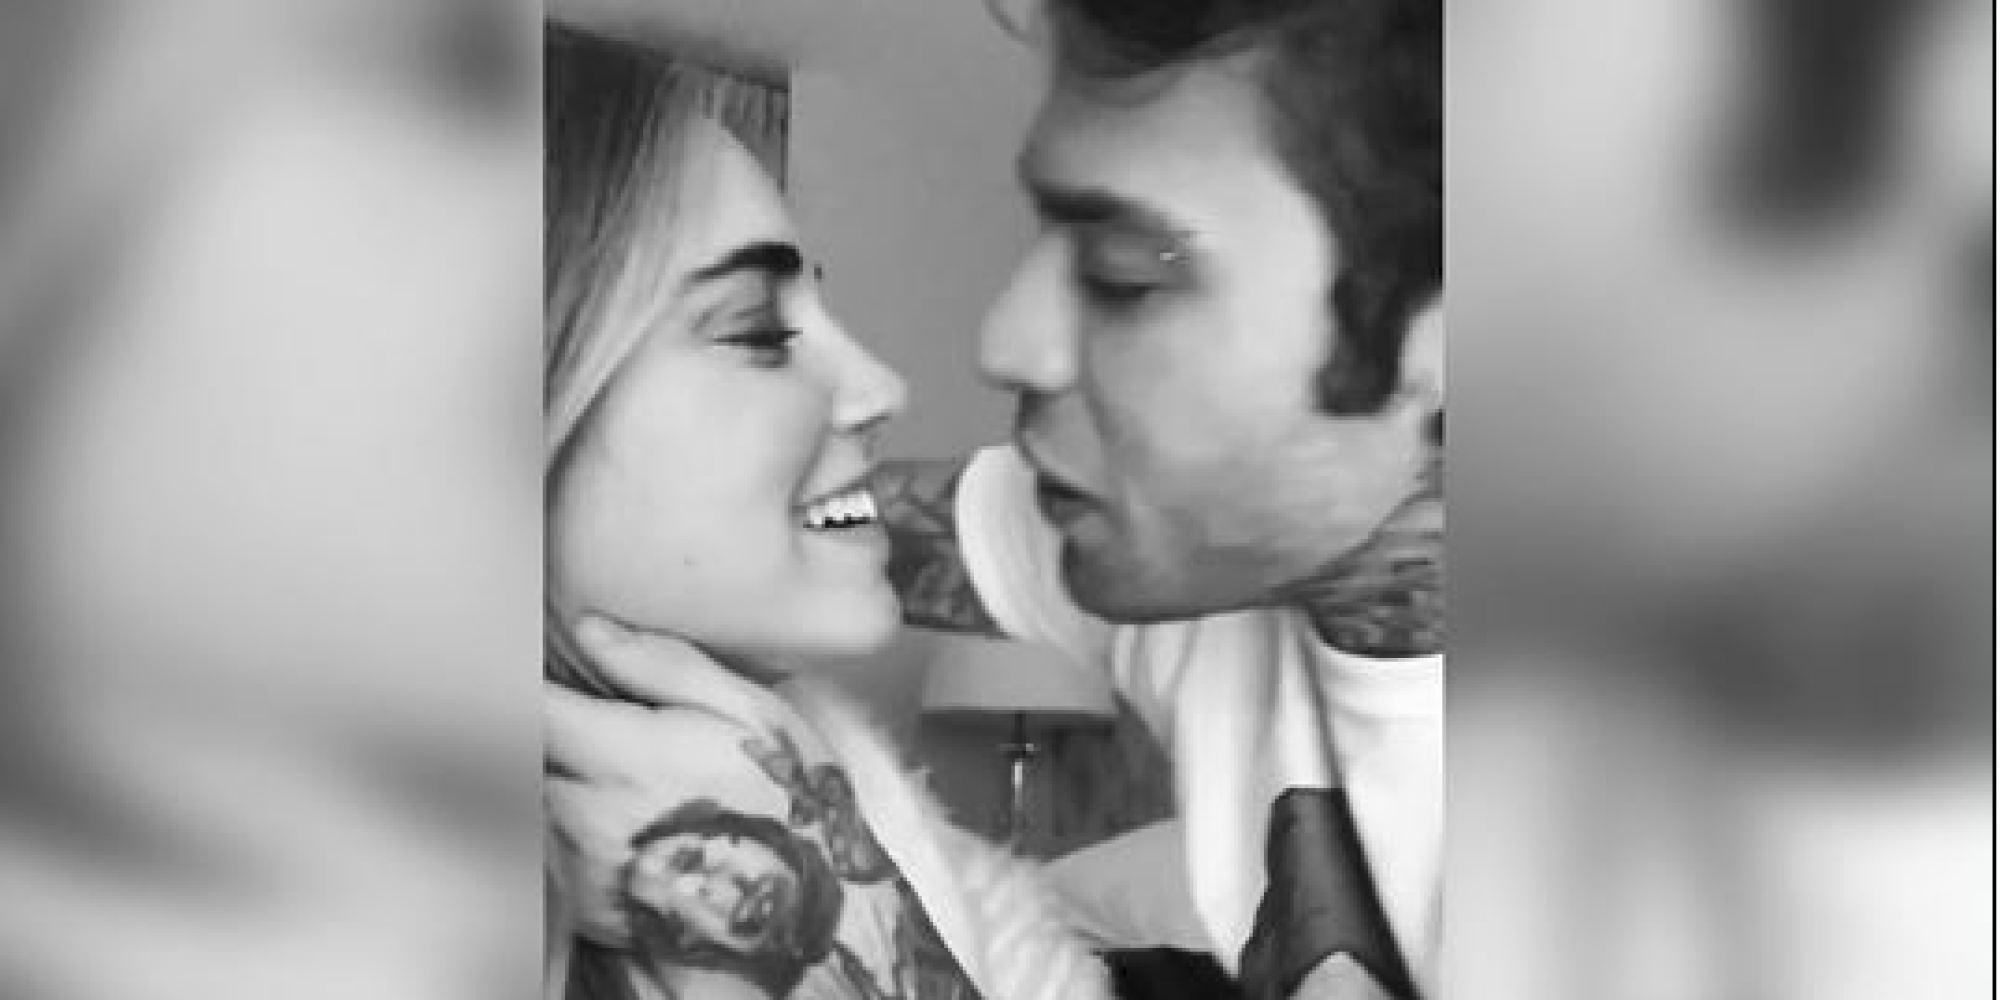 Chiara Ferragni posta video del bacio con Fedez